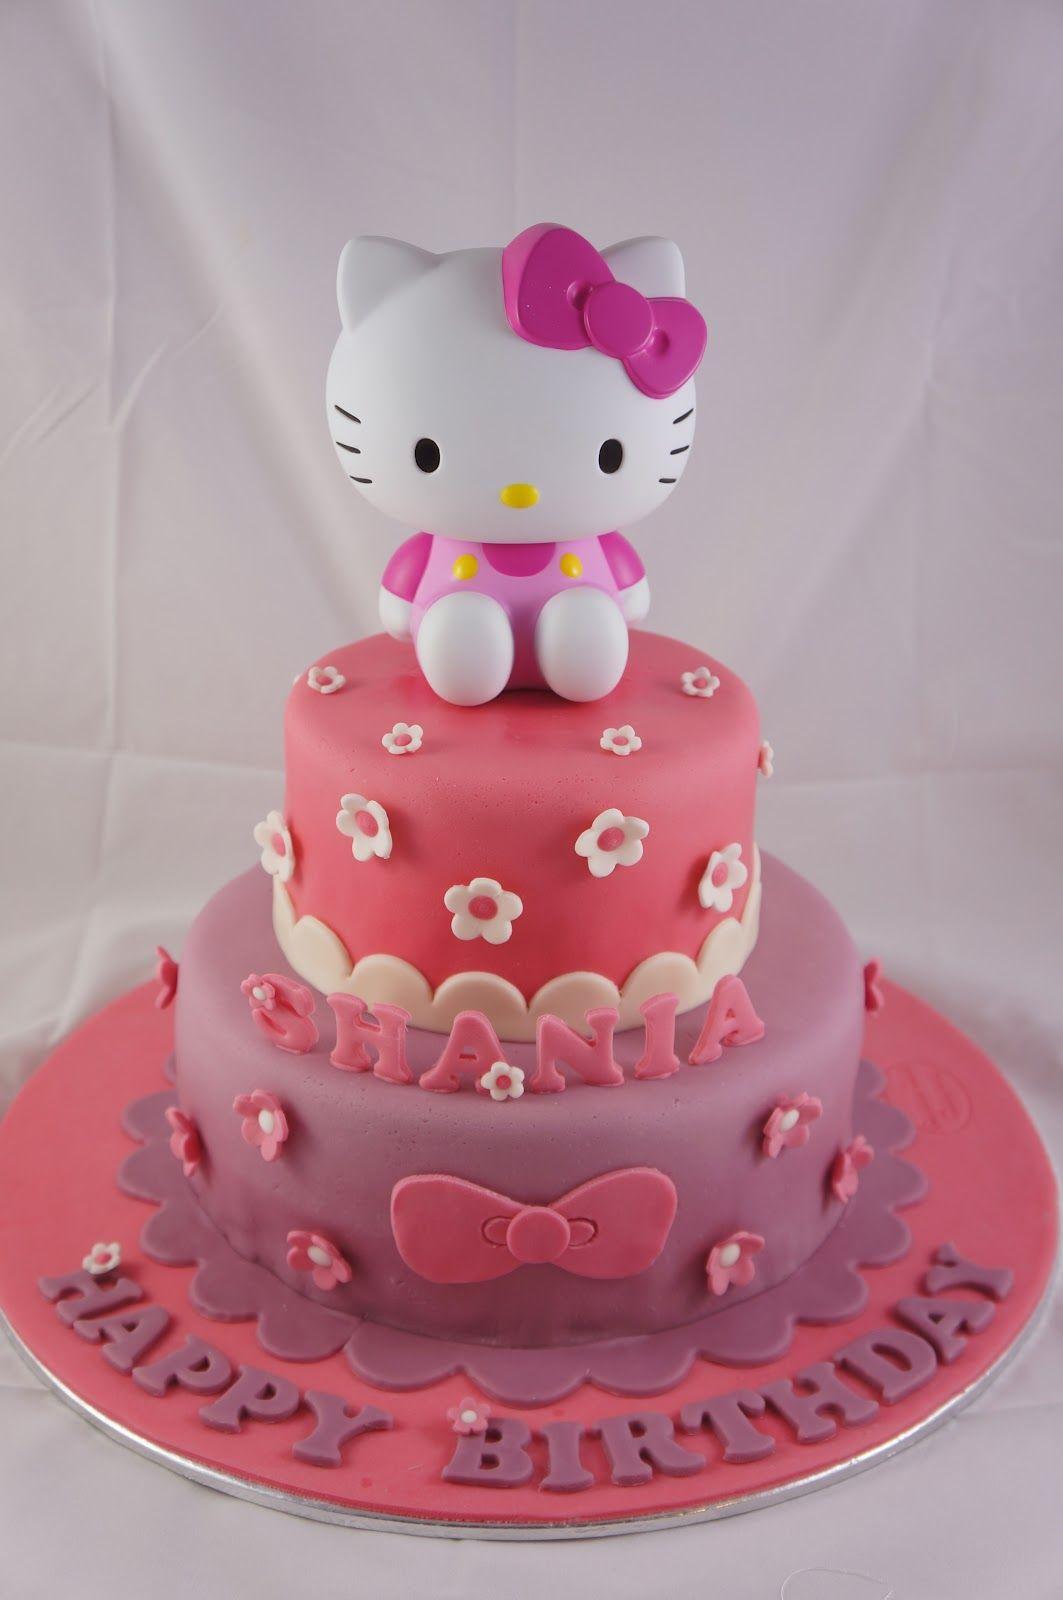 Hello Kitty Design Cake Goldilocks : Joyous Cake Company: July 2012 Birthday cakes ...